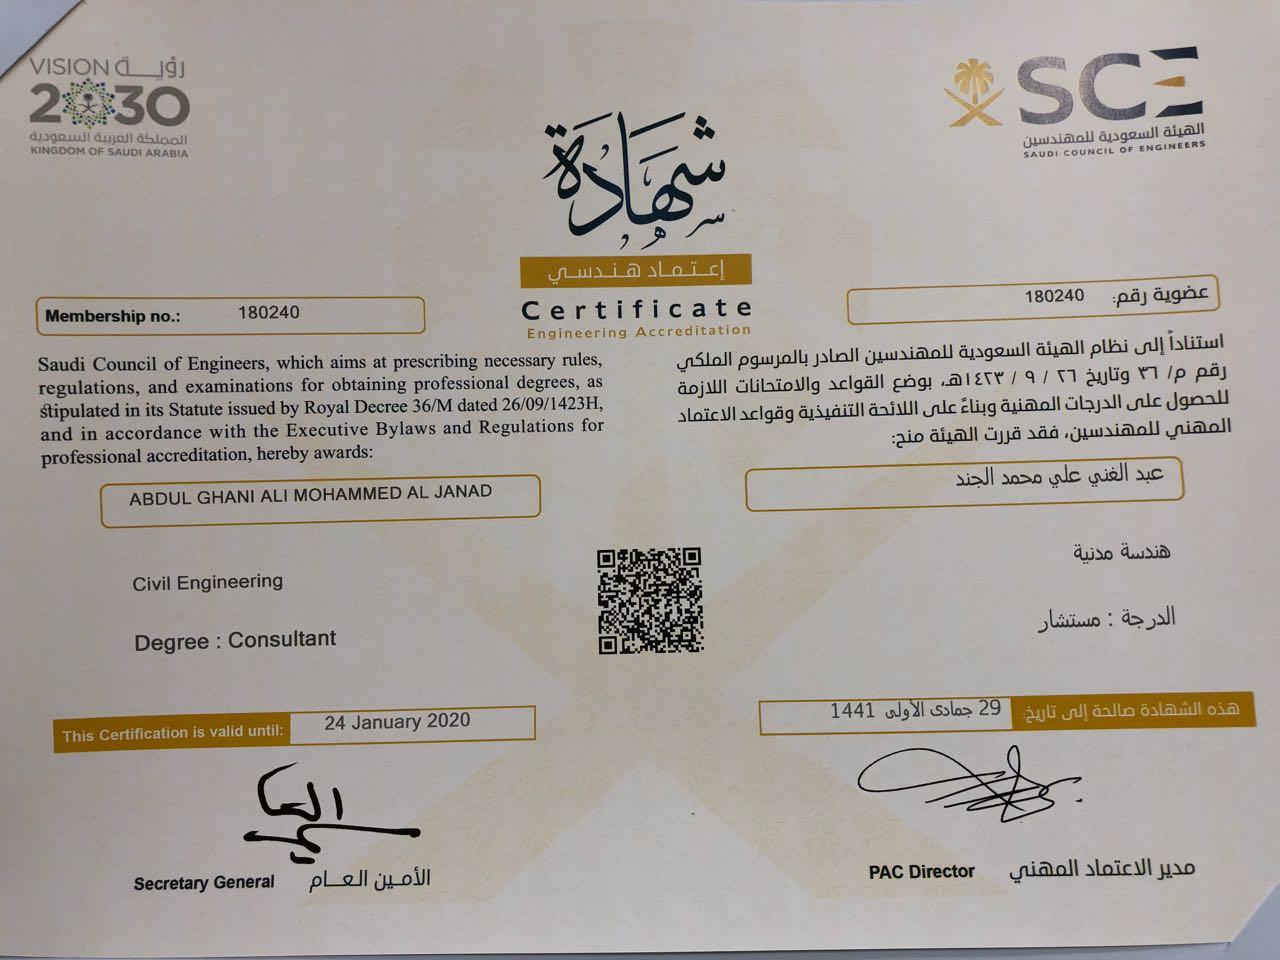 مهندس يمني يحصل على درجة مستشار من الهيئة السعودية للمهندسين